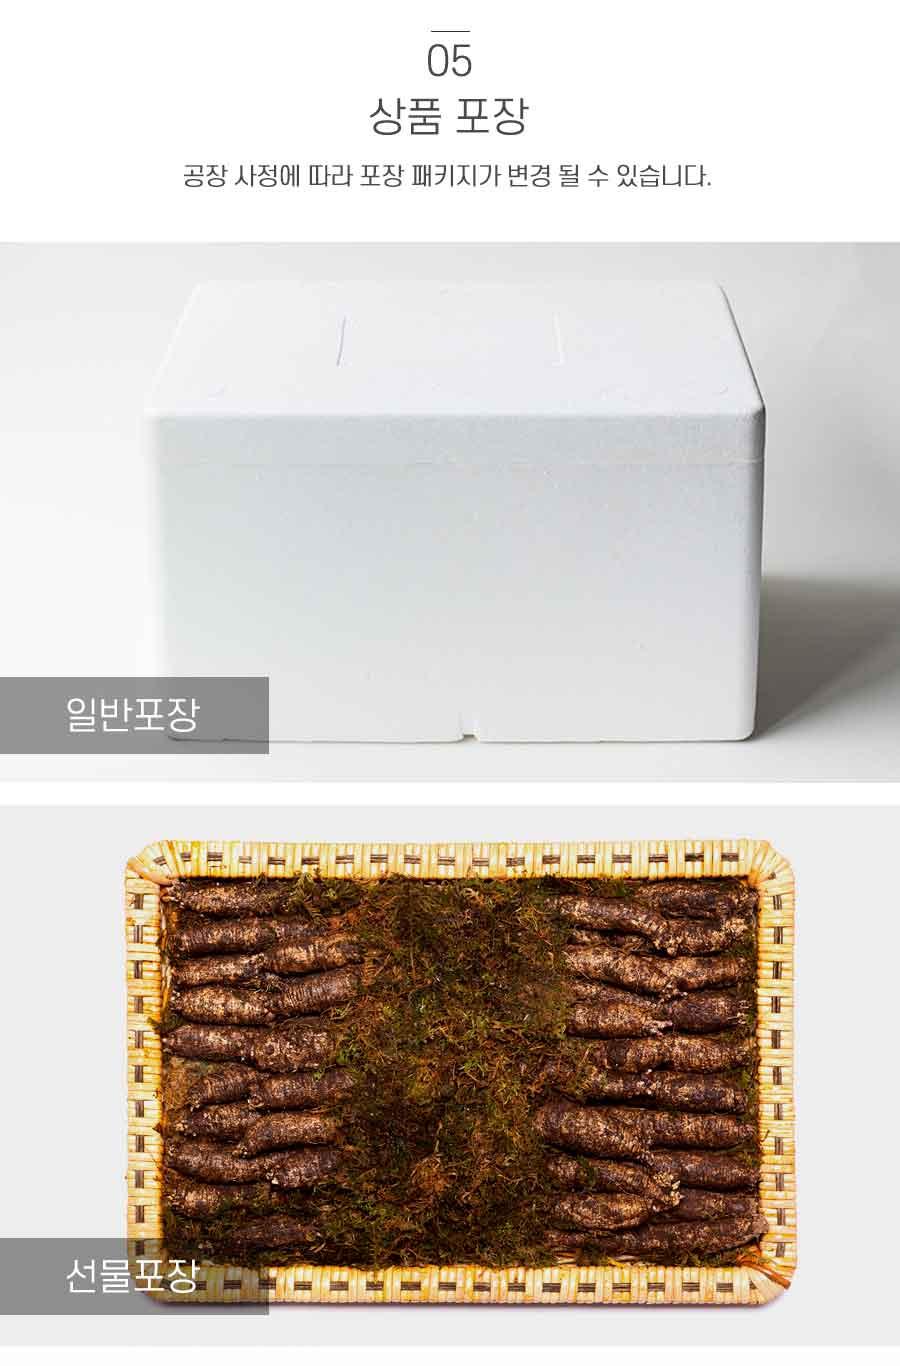 울릉도더덕-상세페이지(오픈마켓)_06.jpg